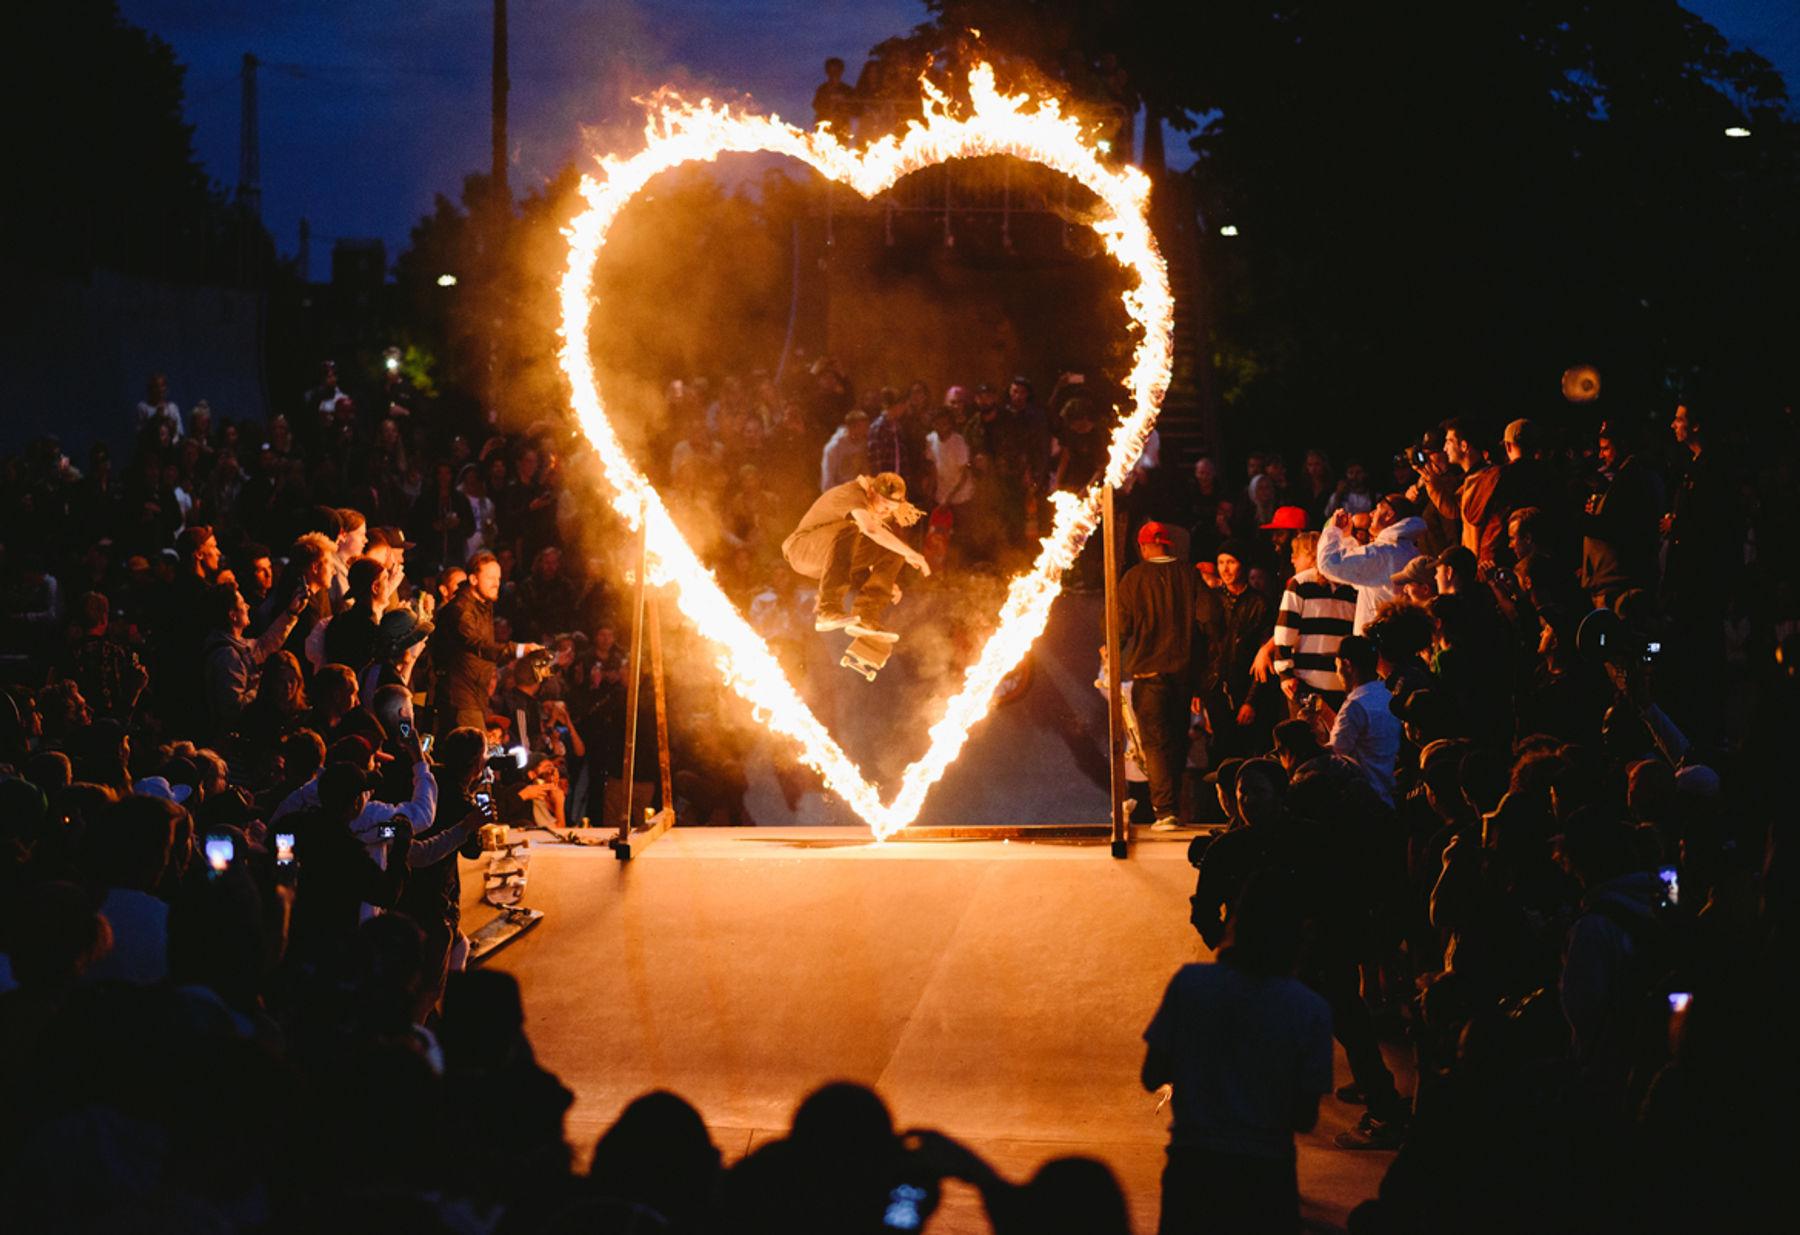 _IHC3412-Tim-Zom-Kickflip-Nike-SB-Copenhagen-Heart-On-Fire-Day-1-Faelledparken-July-2015-Photographer-Maksim-Kalanep